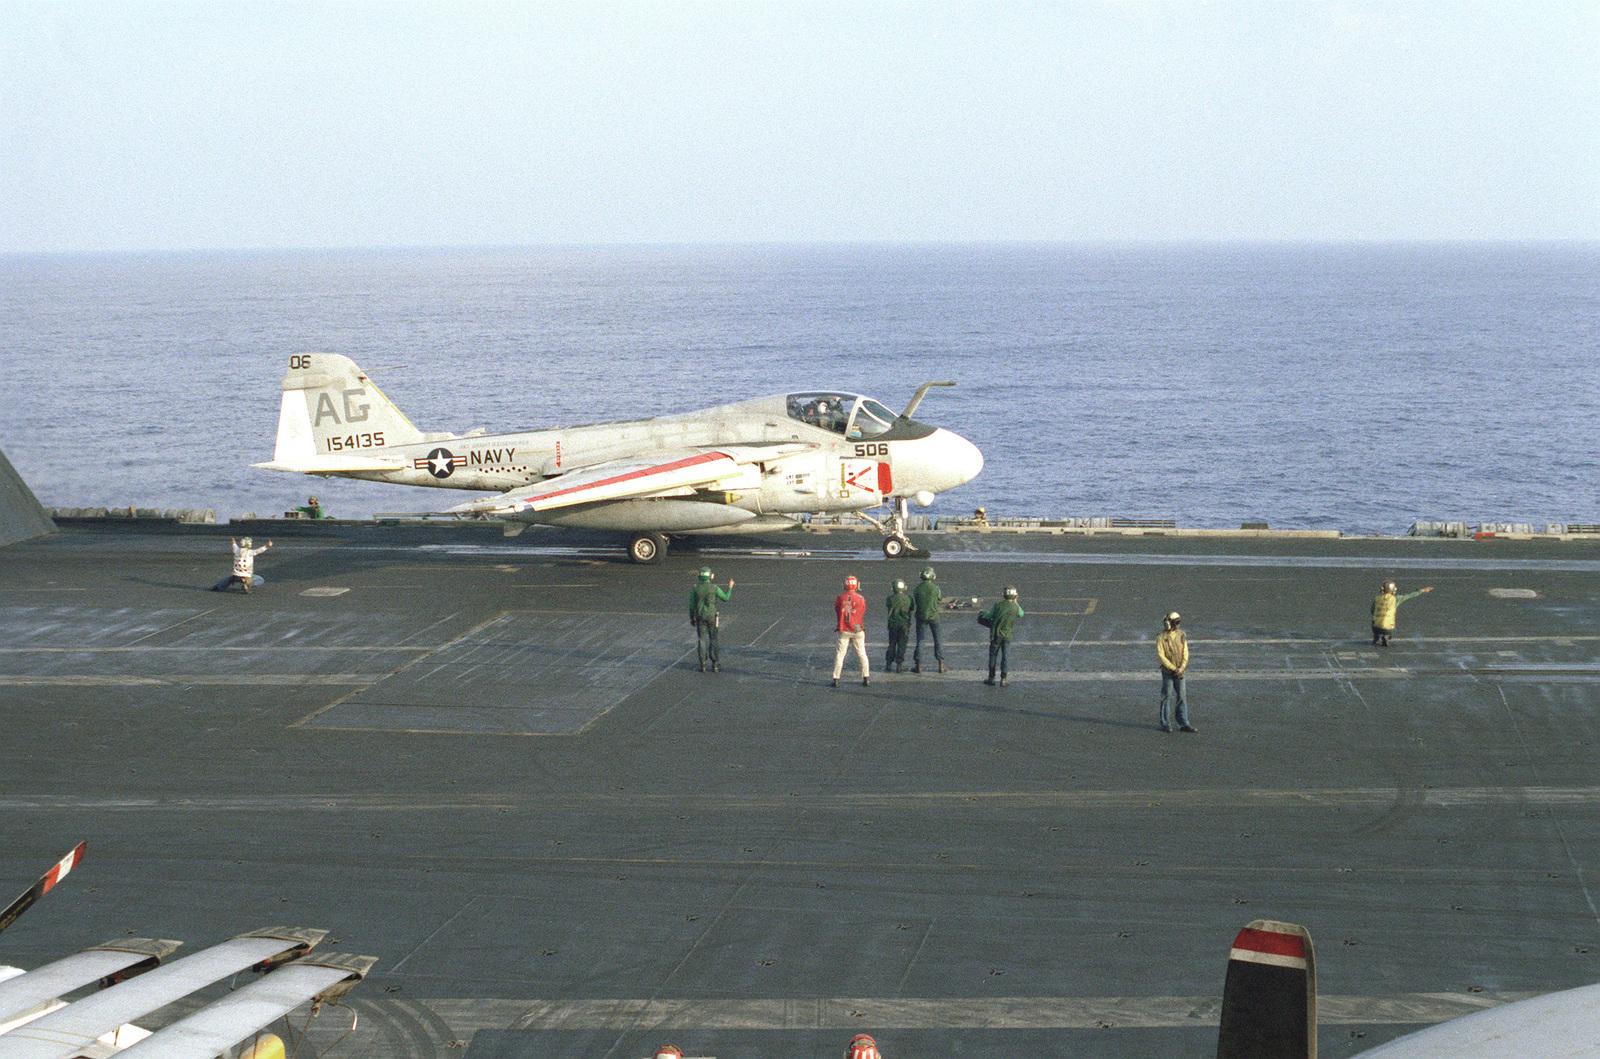 An A-6E Intruder aircraft prepares for launching from the nuclear-powered aircraft carrier USS DWIGHT D. EISENHOWER (CVN-69)